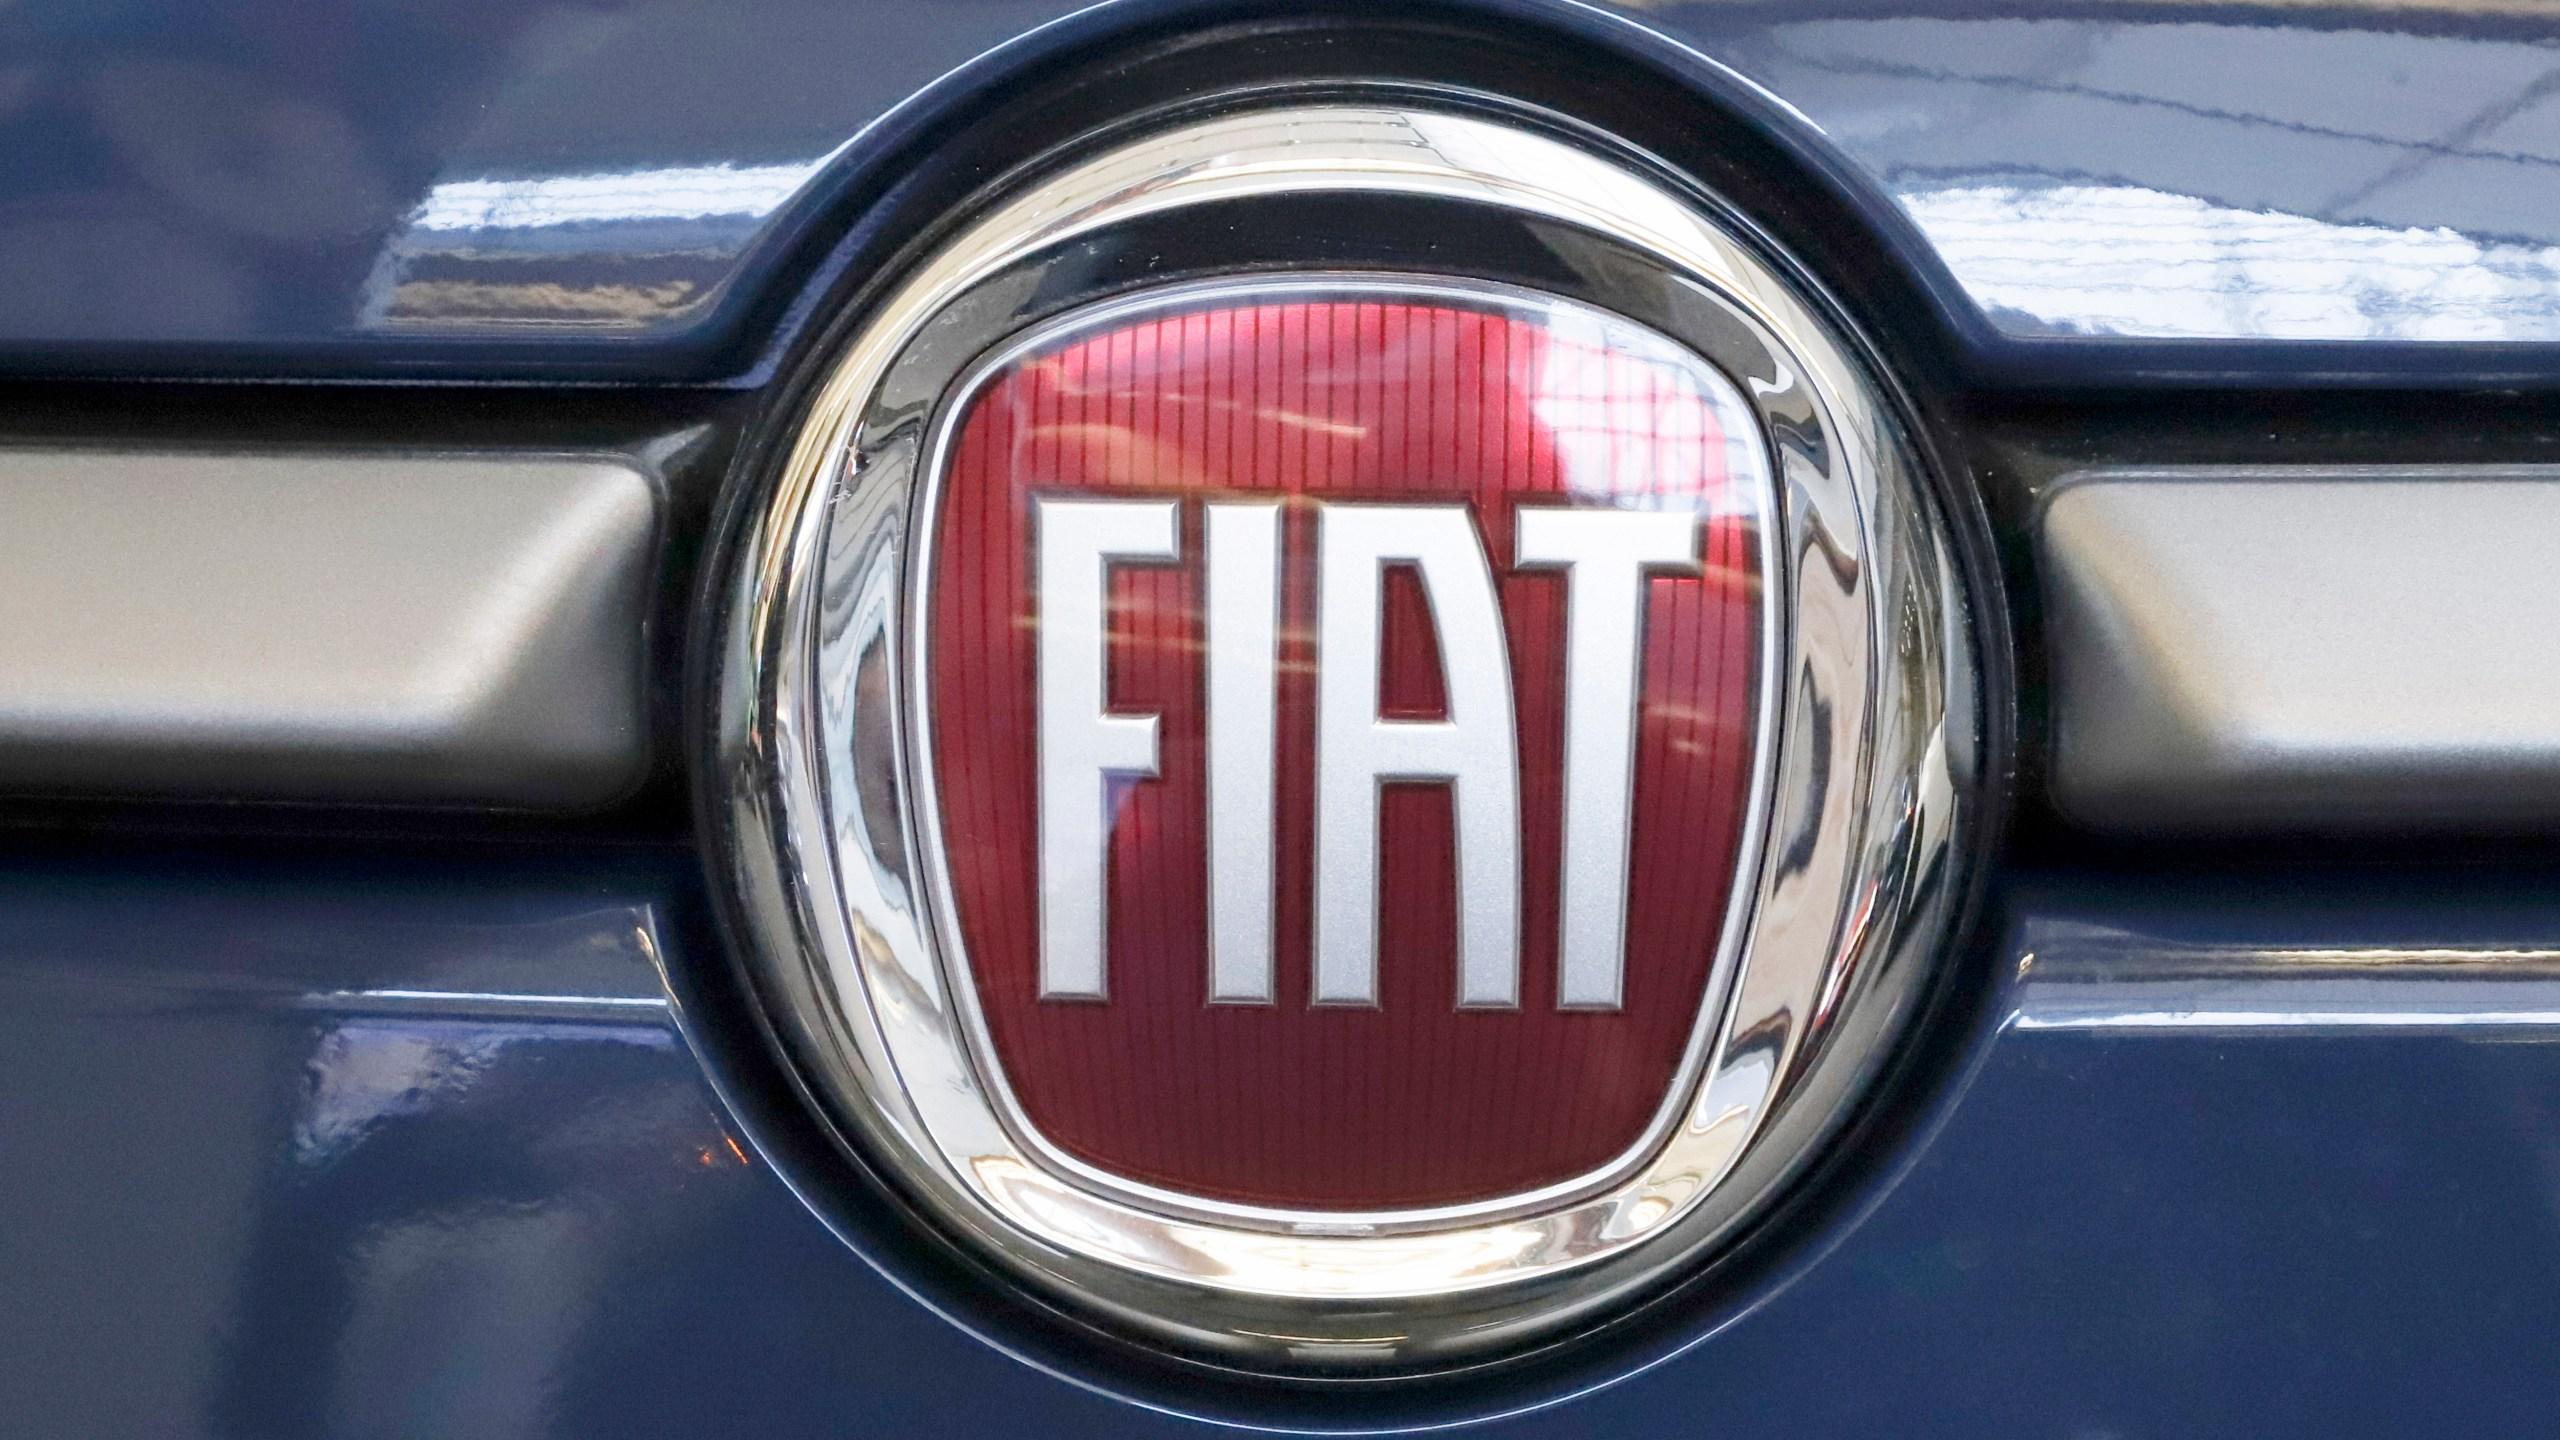 Fiat_Chrysler_Renault_47005-159532.jpg52781055